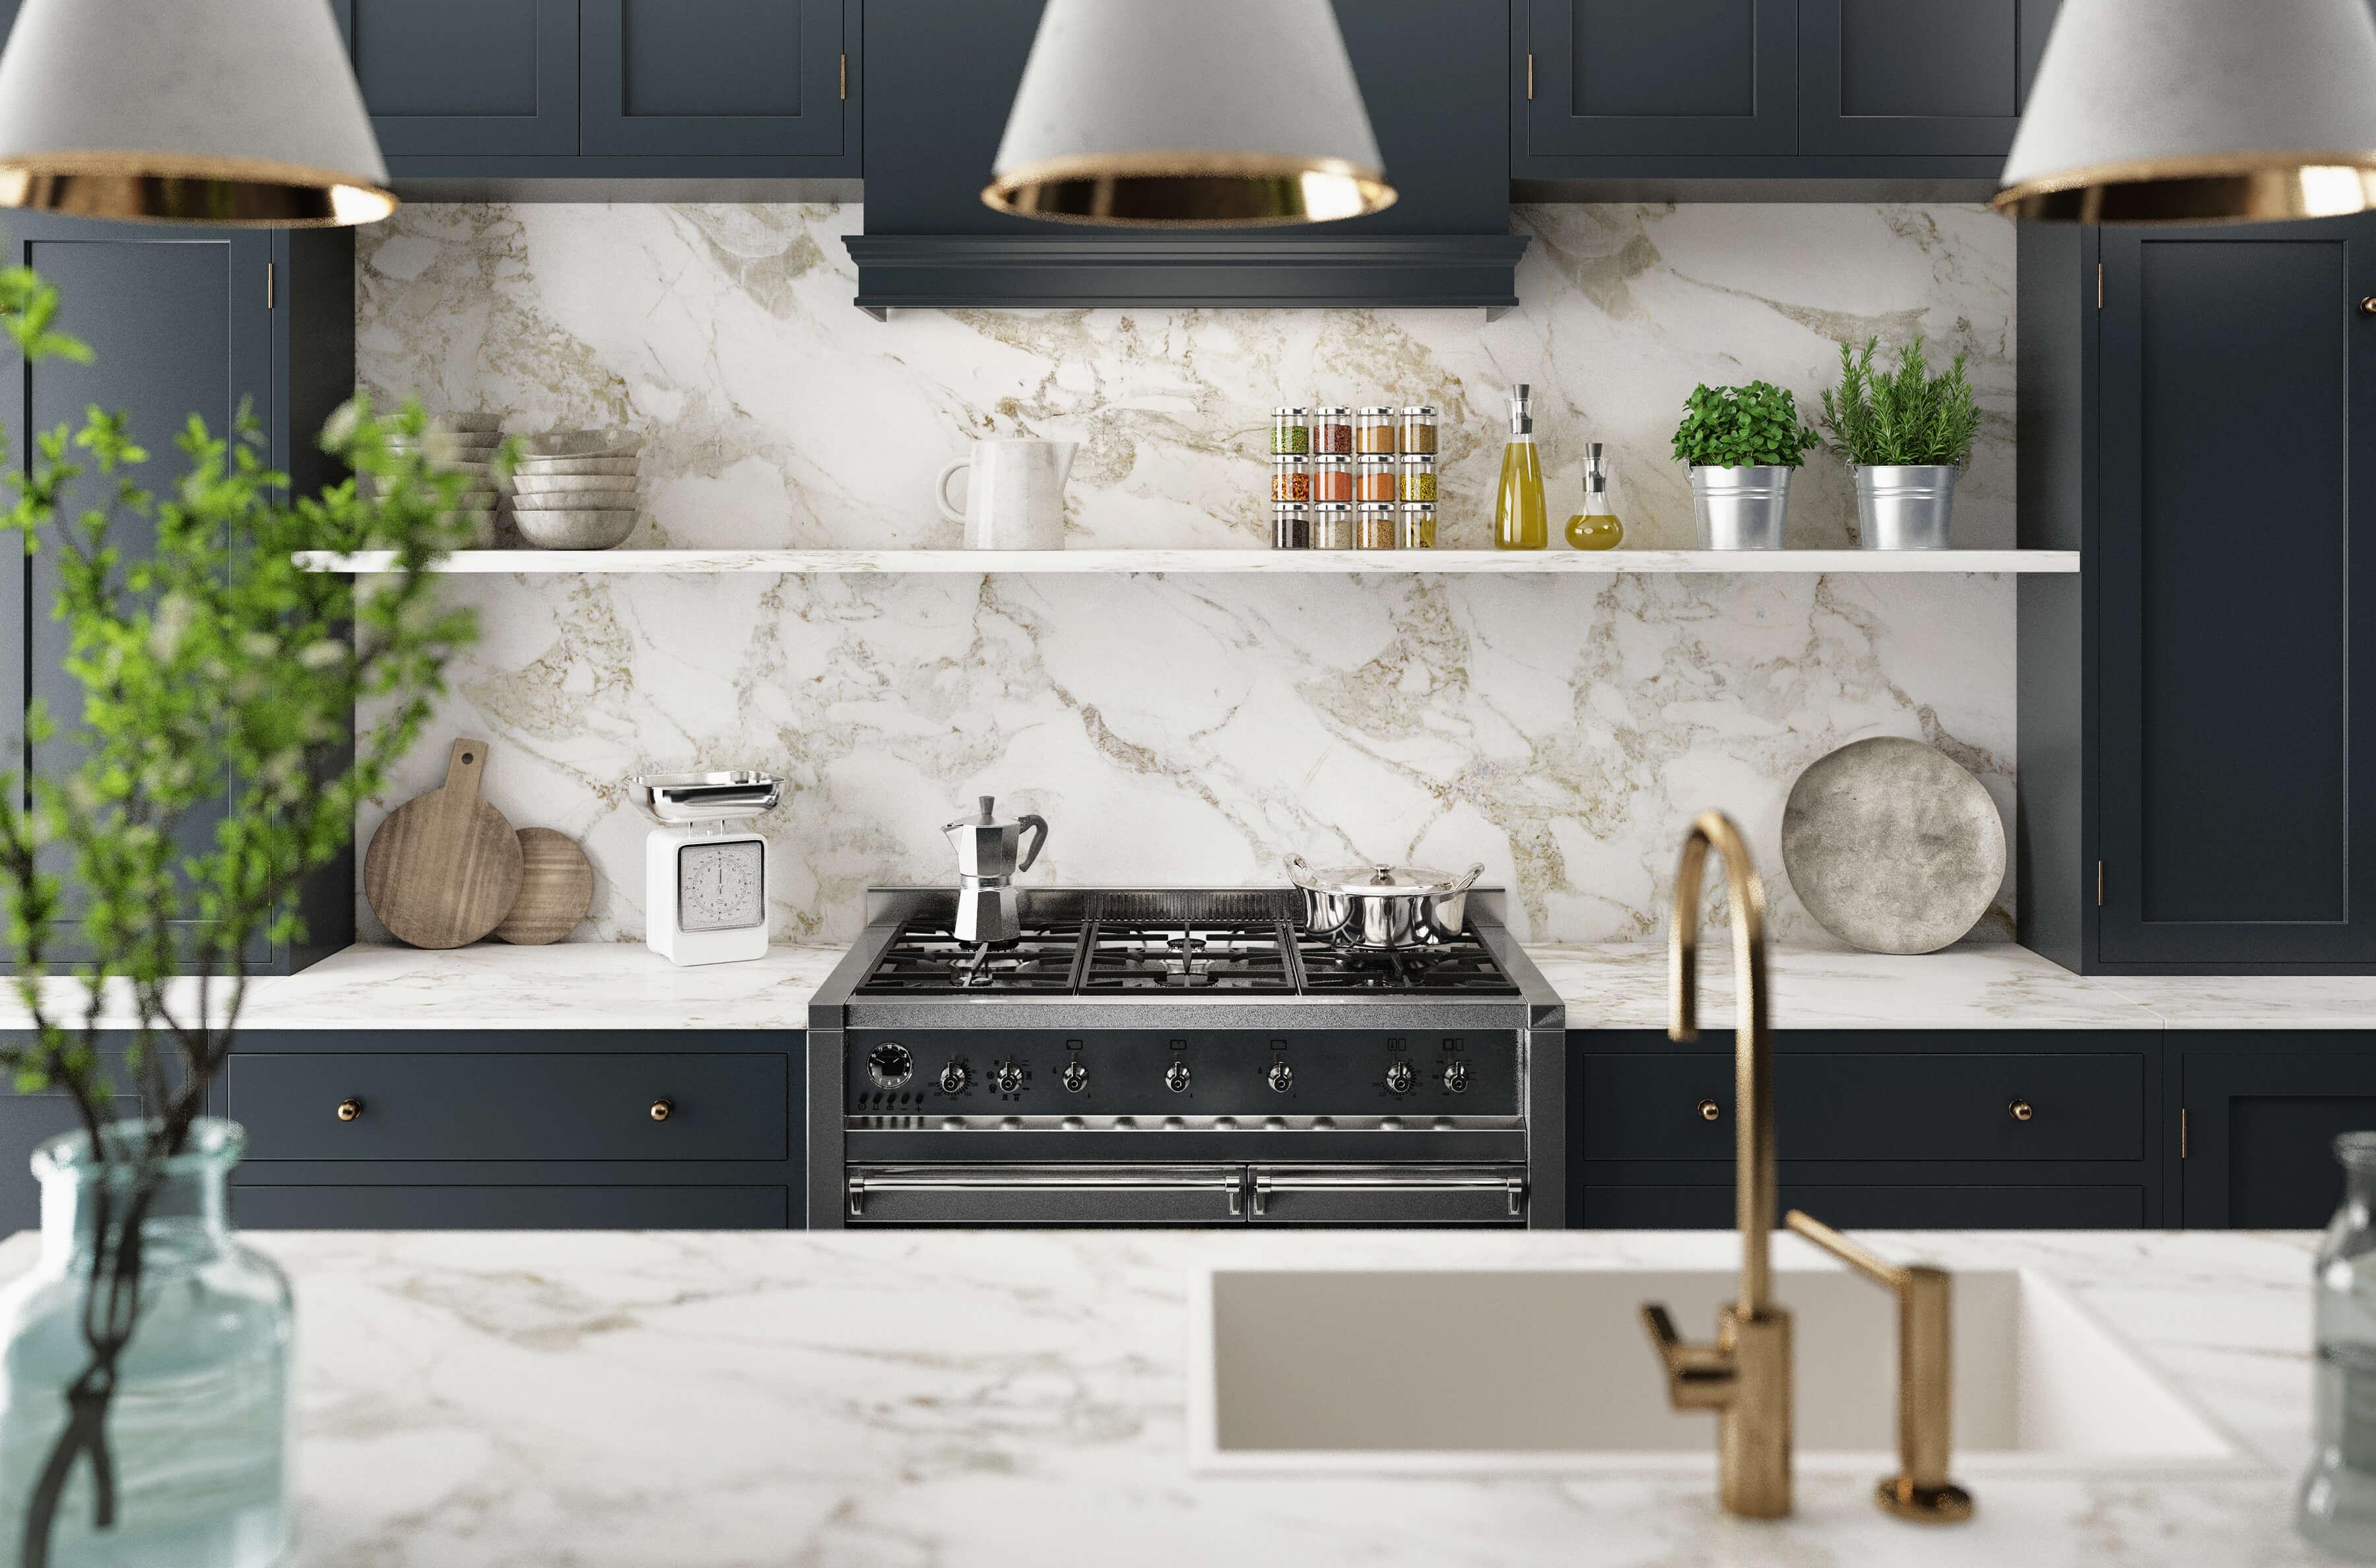 Cucina Moderna Realistica Design Minimal In Legno E Marmo Render 3d Southwest Kitchen